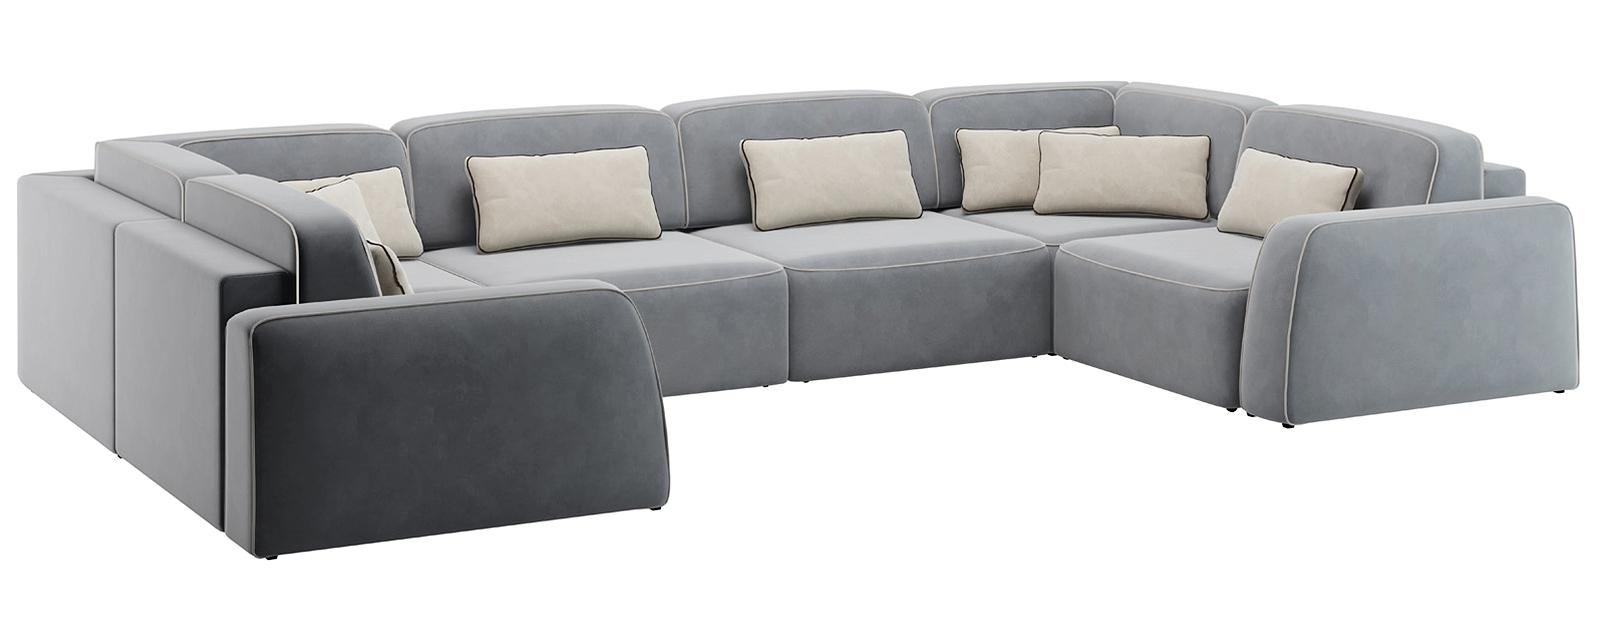 Модульный диван Портленд П-образный Вариант №1 Velutto серый (Велюр)